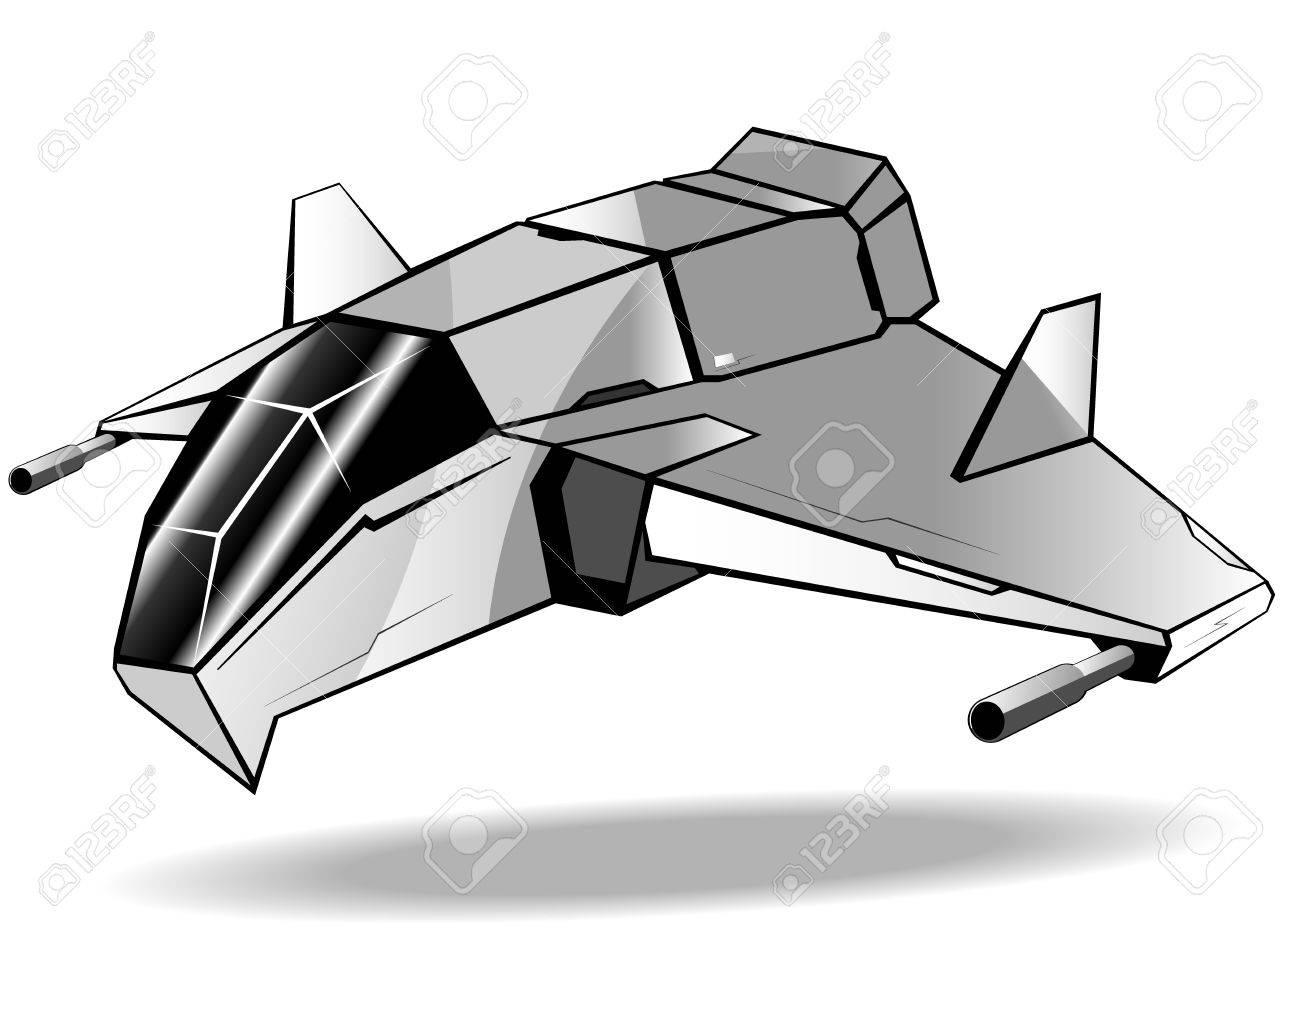 未来の宇宙船のイラストのイラスト素材ベクタ Image 12056244